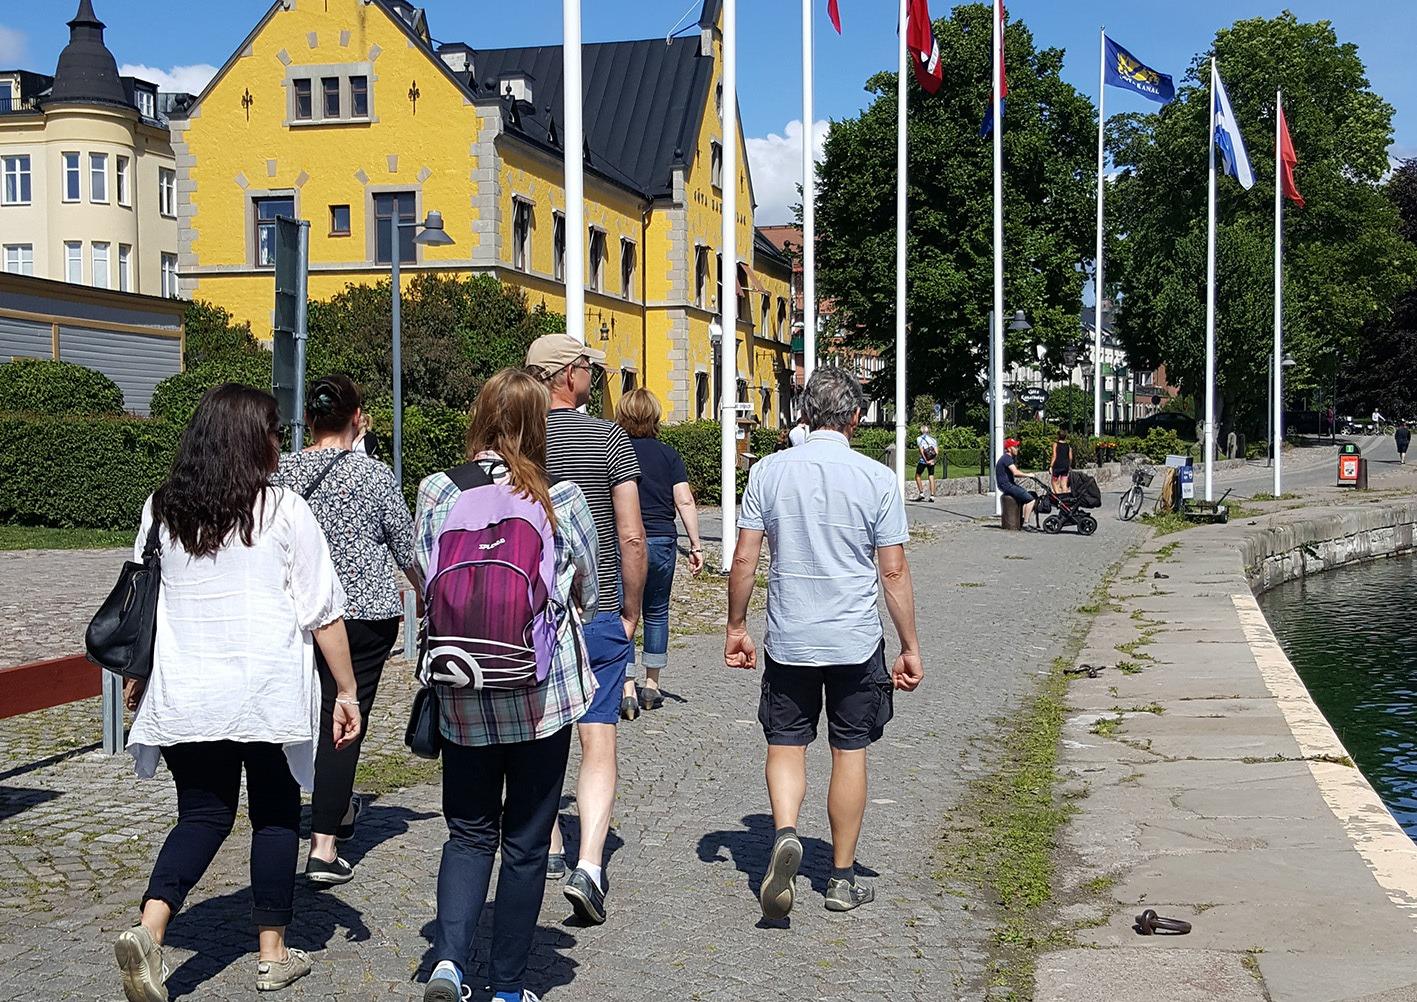 En samling människor som promenerar längs med en kaj.